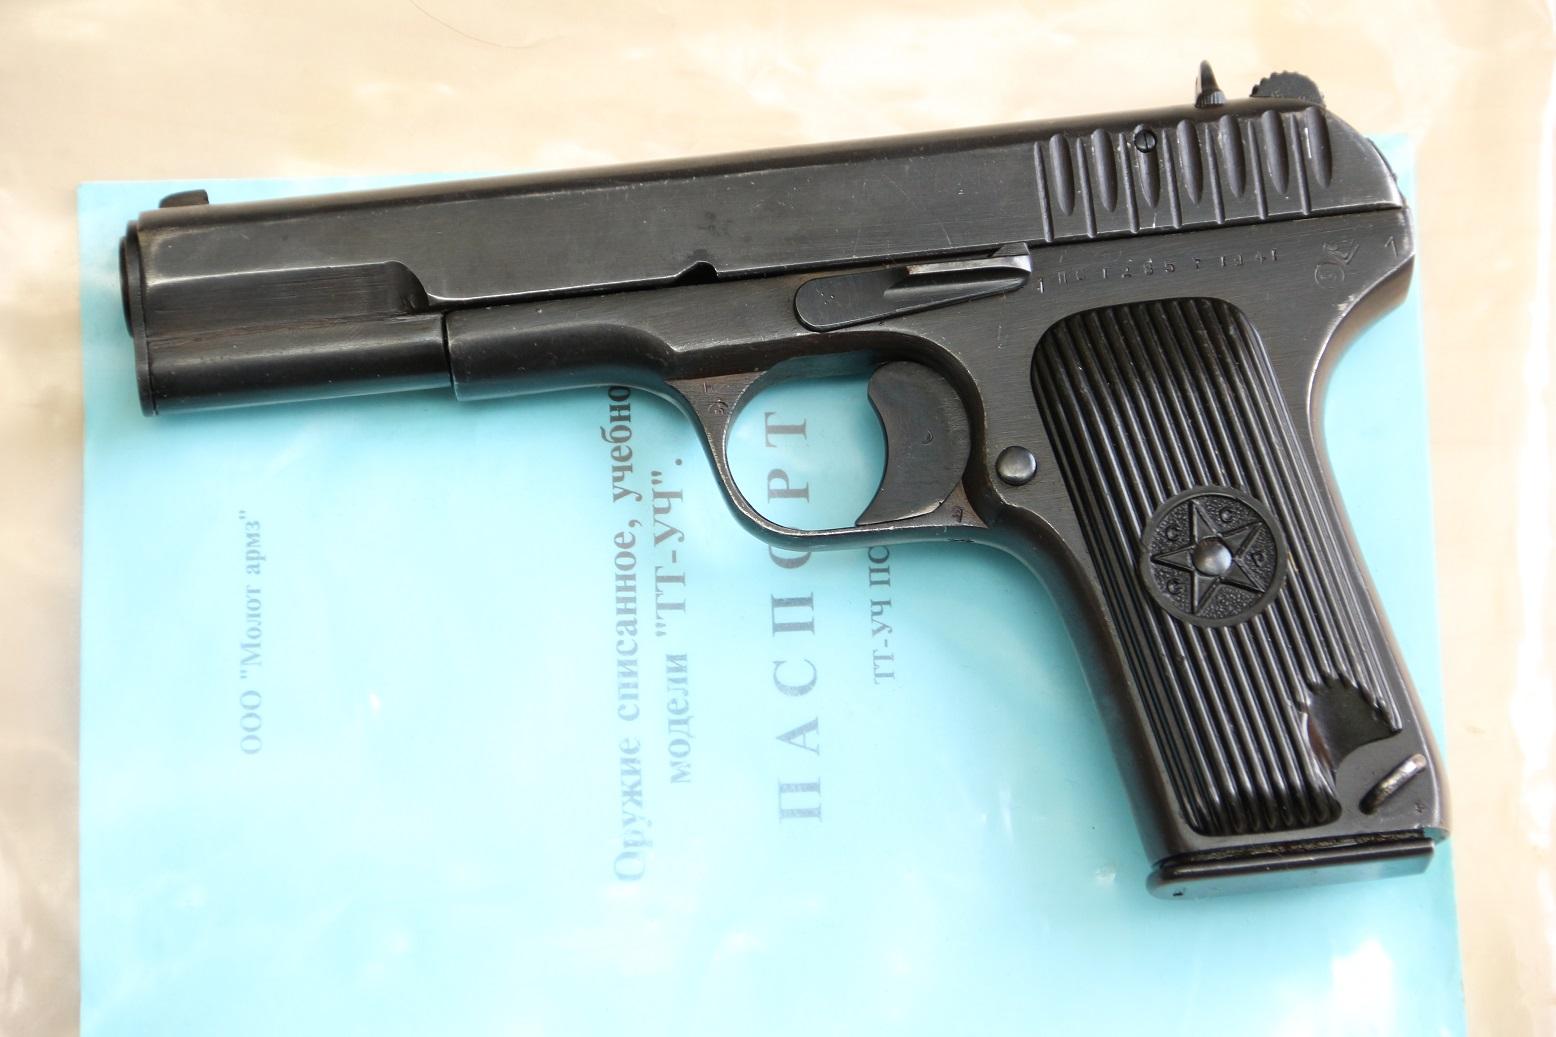 Пистолет ТТ-УЧ Молот Армз, 1941 год, №ПС1285